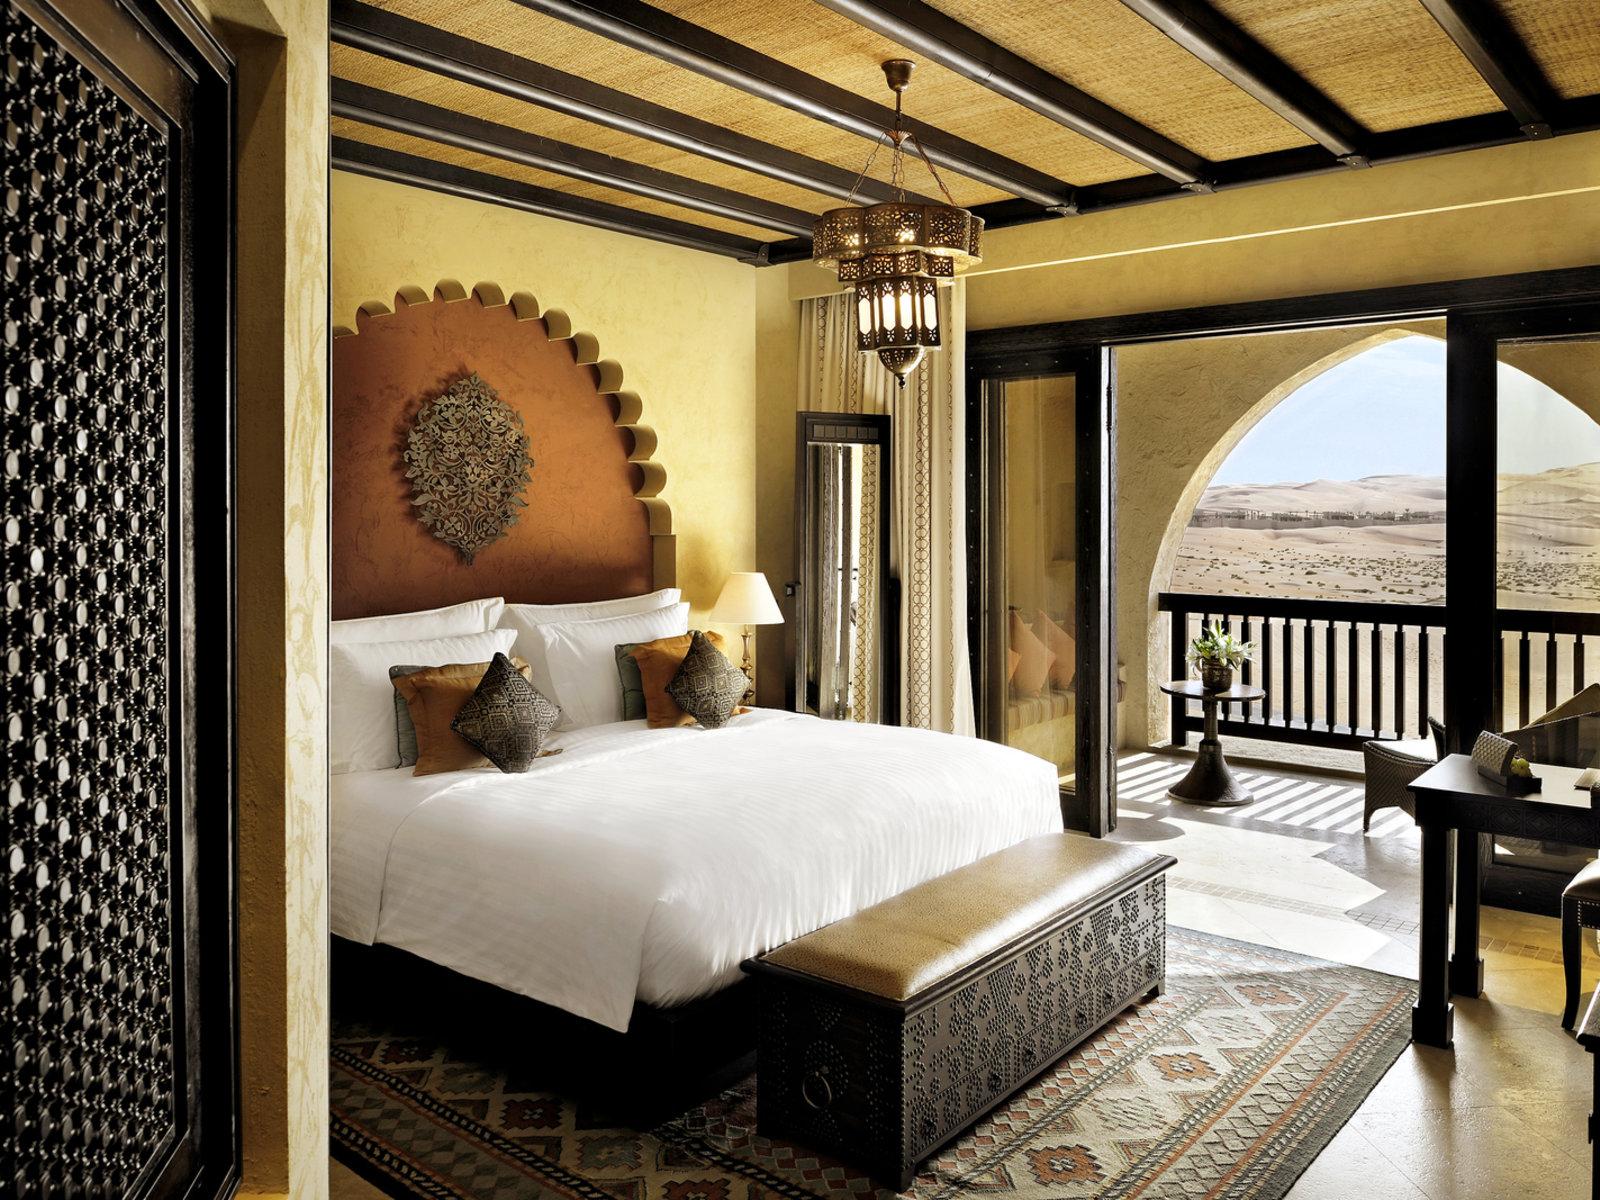 Wohnbeispiel Deluxe Balcony Room